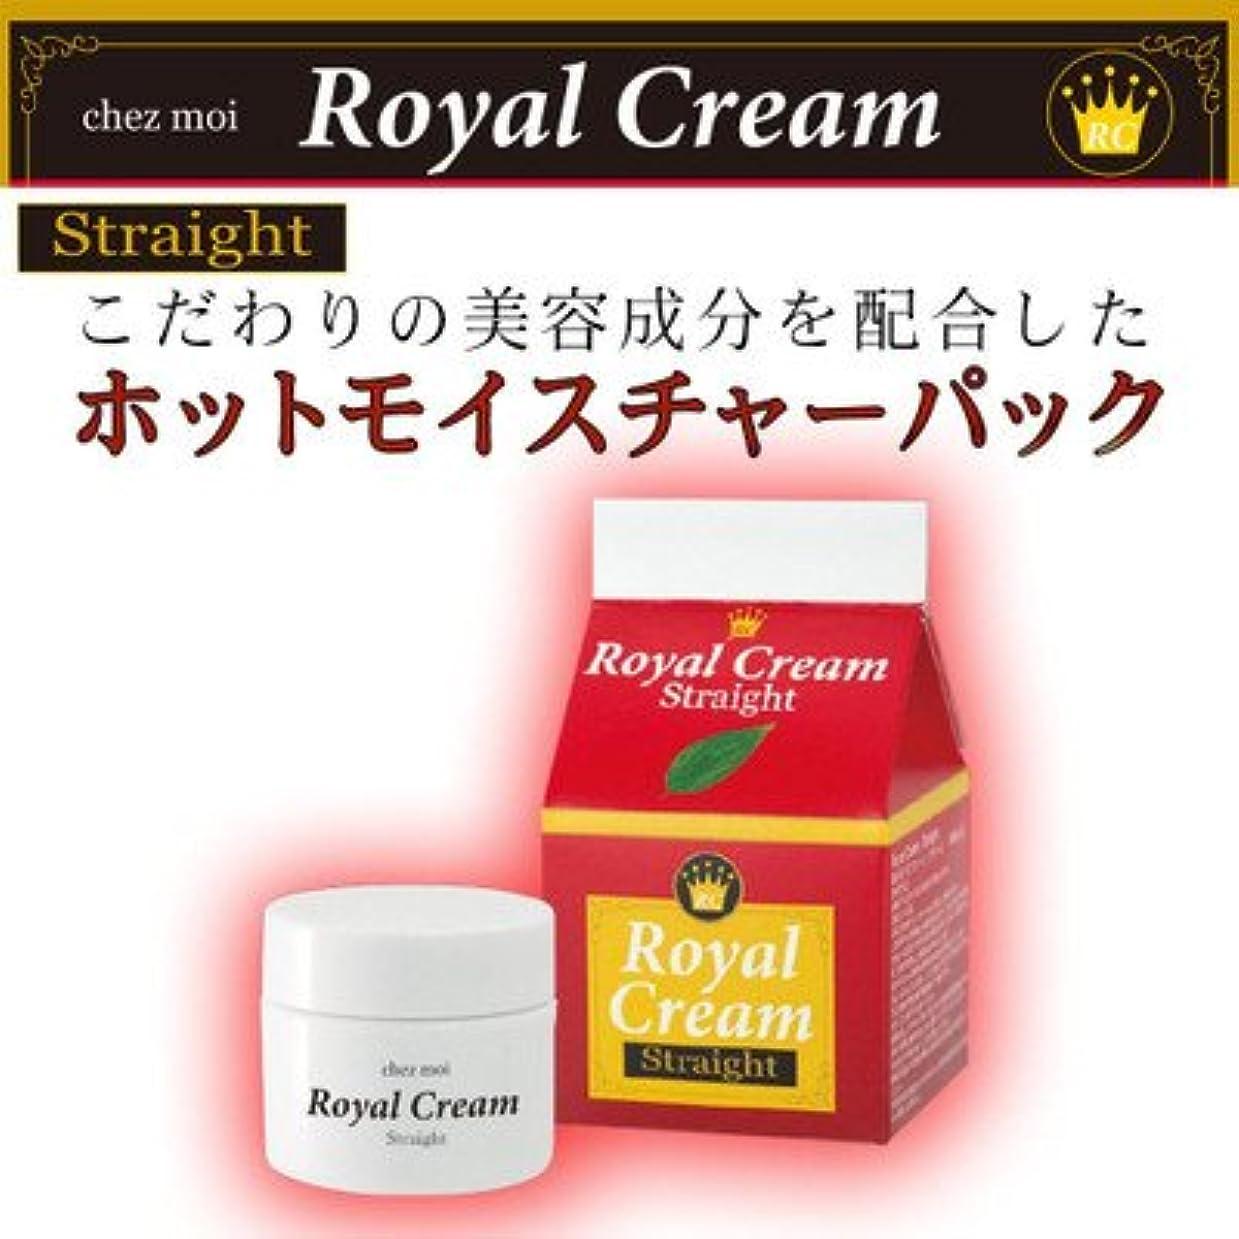 似ている発火する印象99%以上植物由来美容成分配合の 温感保湿パック Royal Cream ロイヤルクリーム Straight ストレート モイスチャーパック 30g